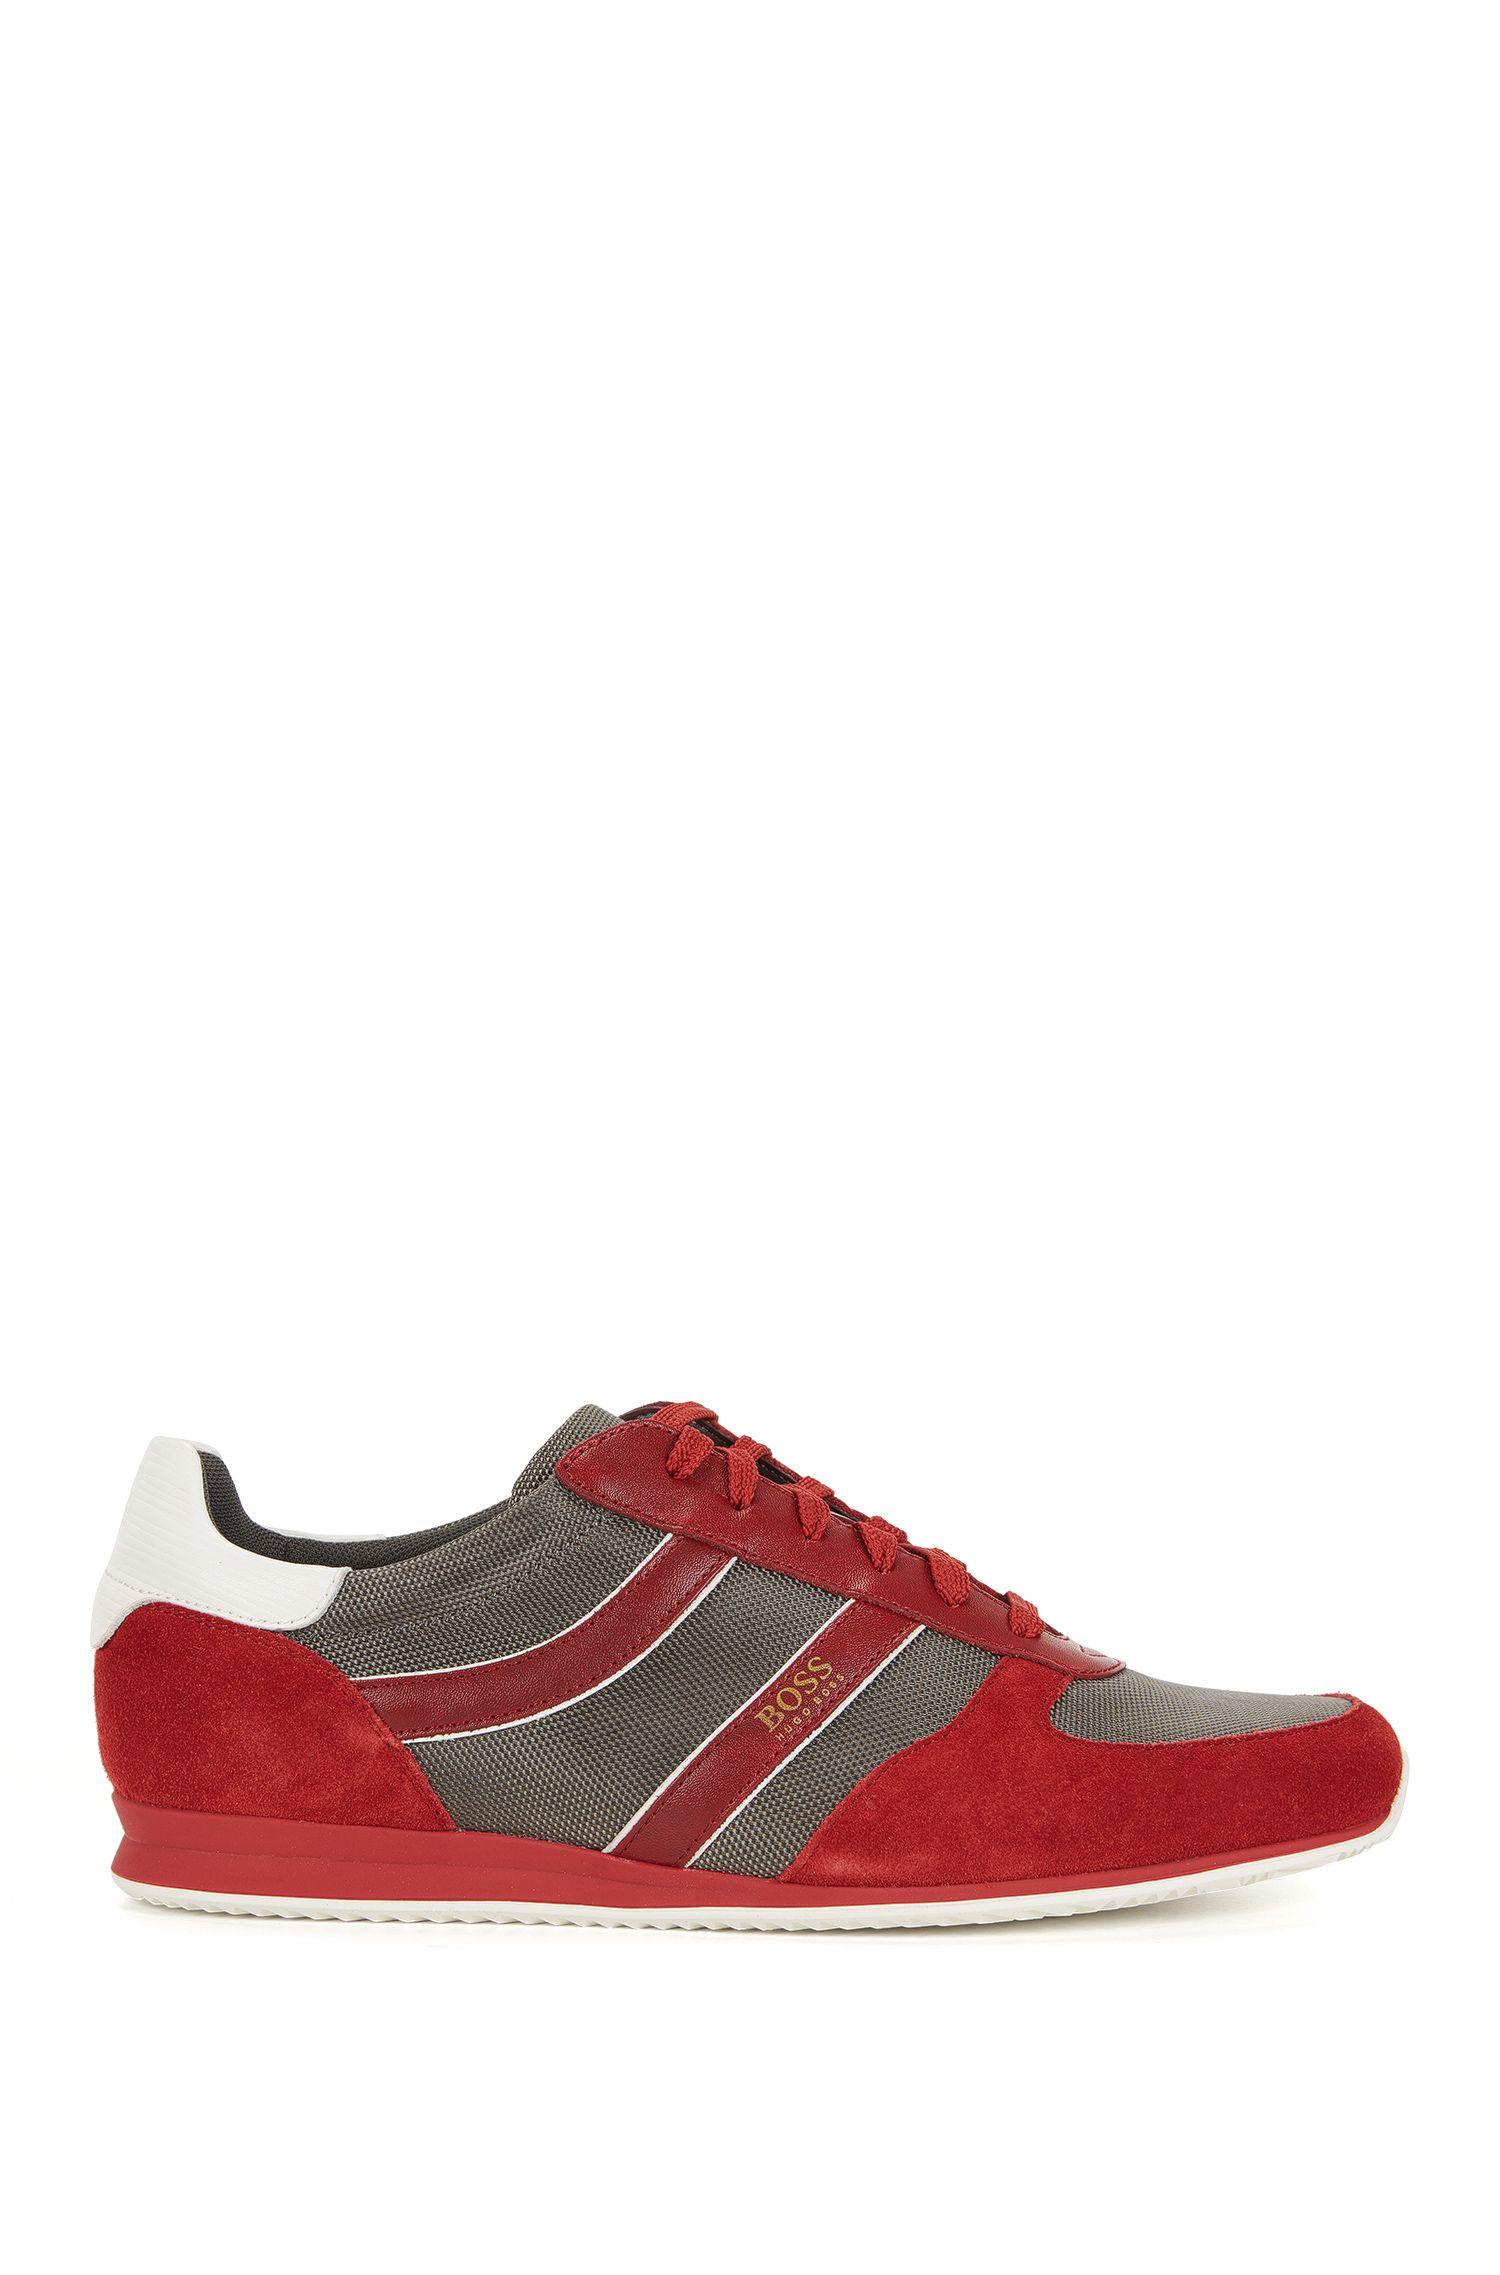 Sneakers low-top con rivestimenti in pelle scamosciata